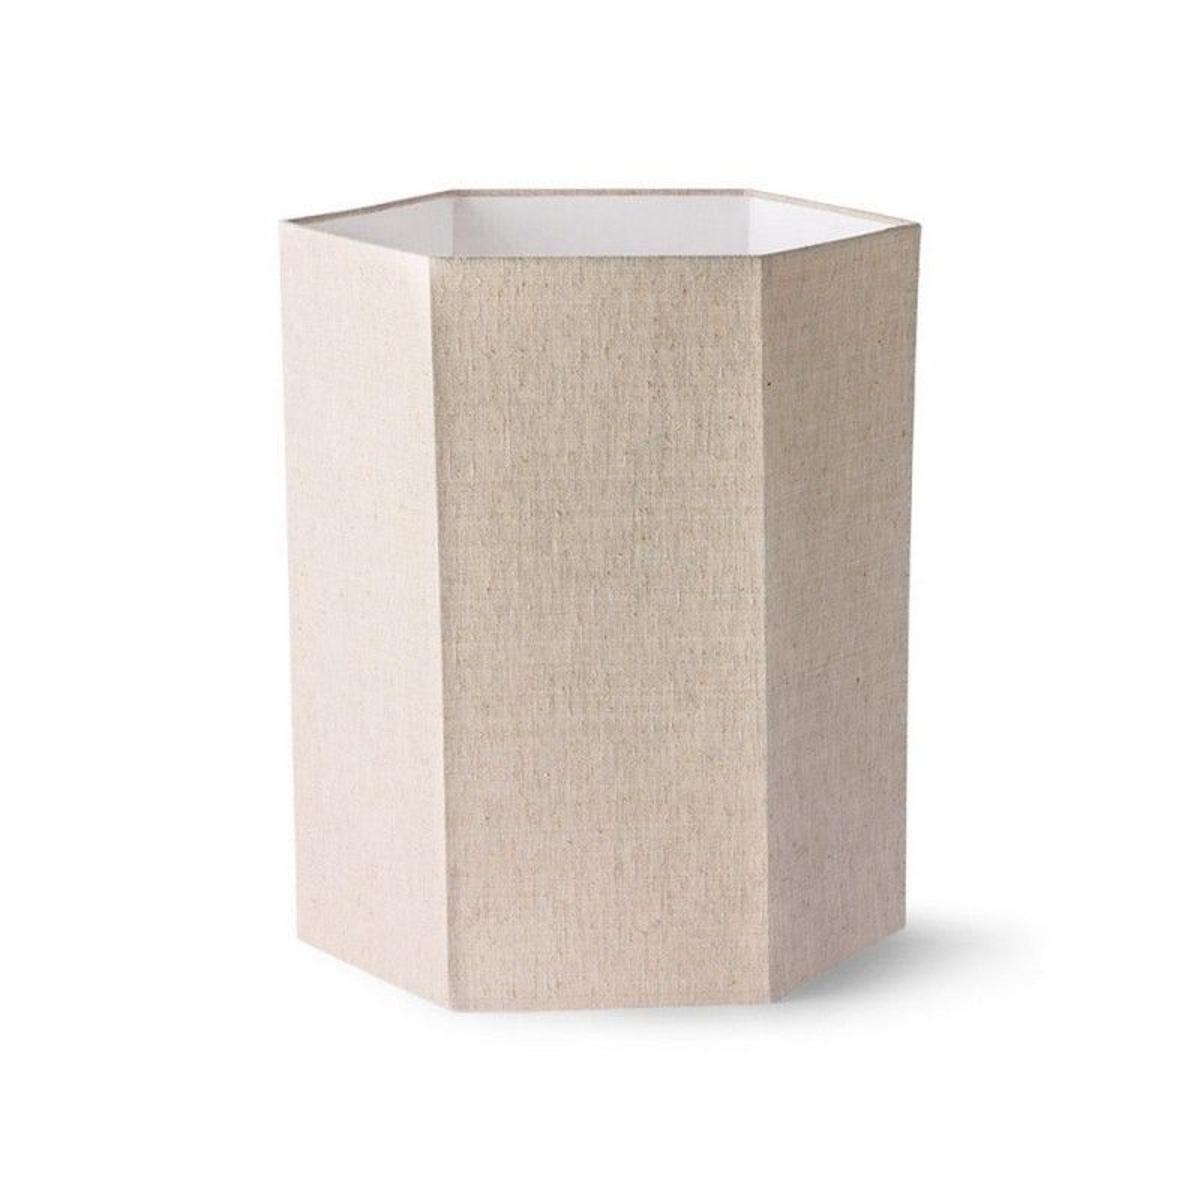 Abat-jour hexagonal pour lampe de table lin